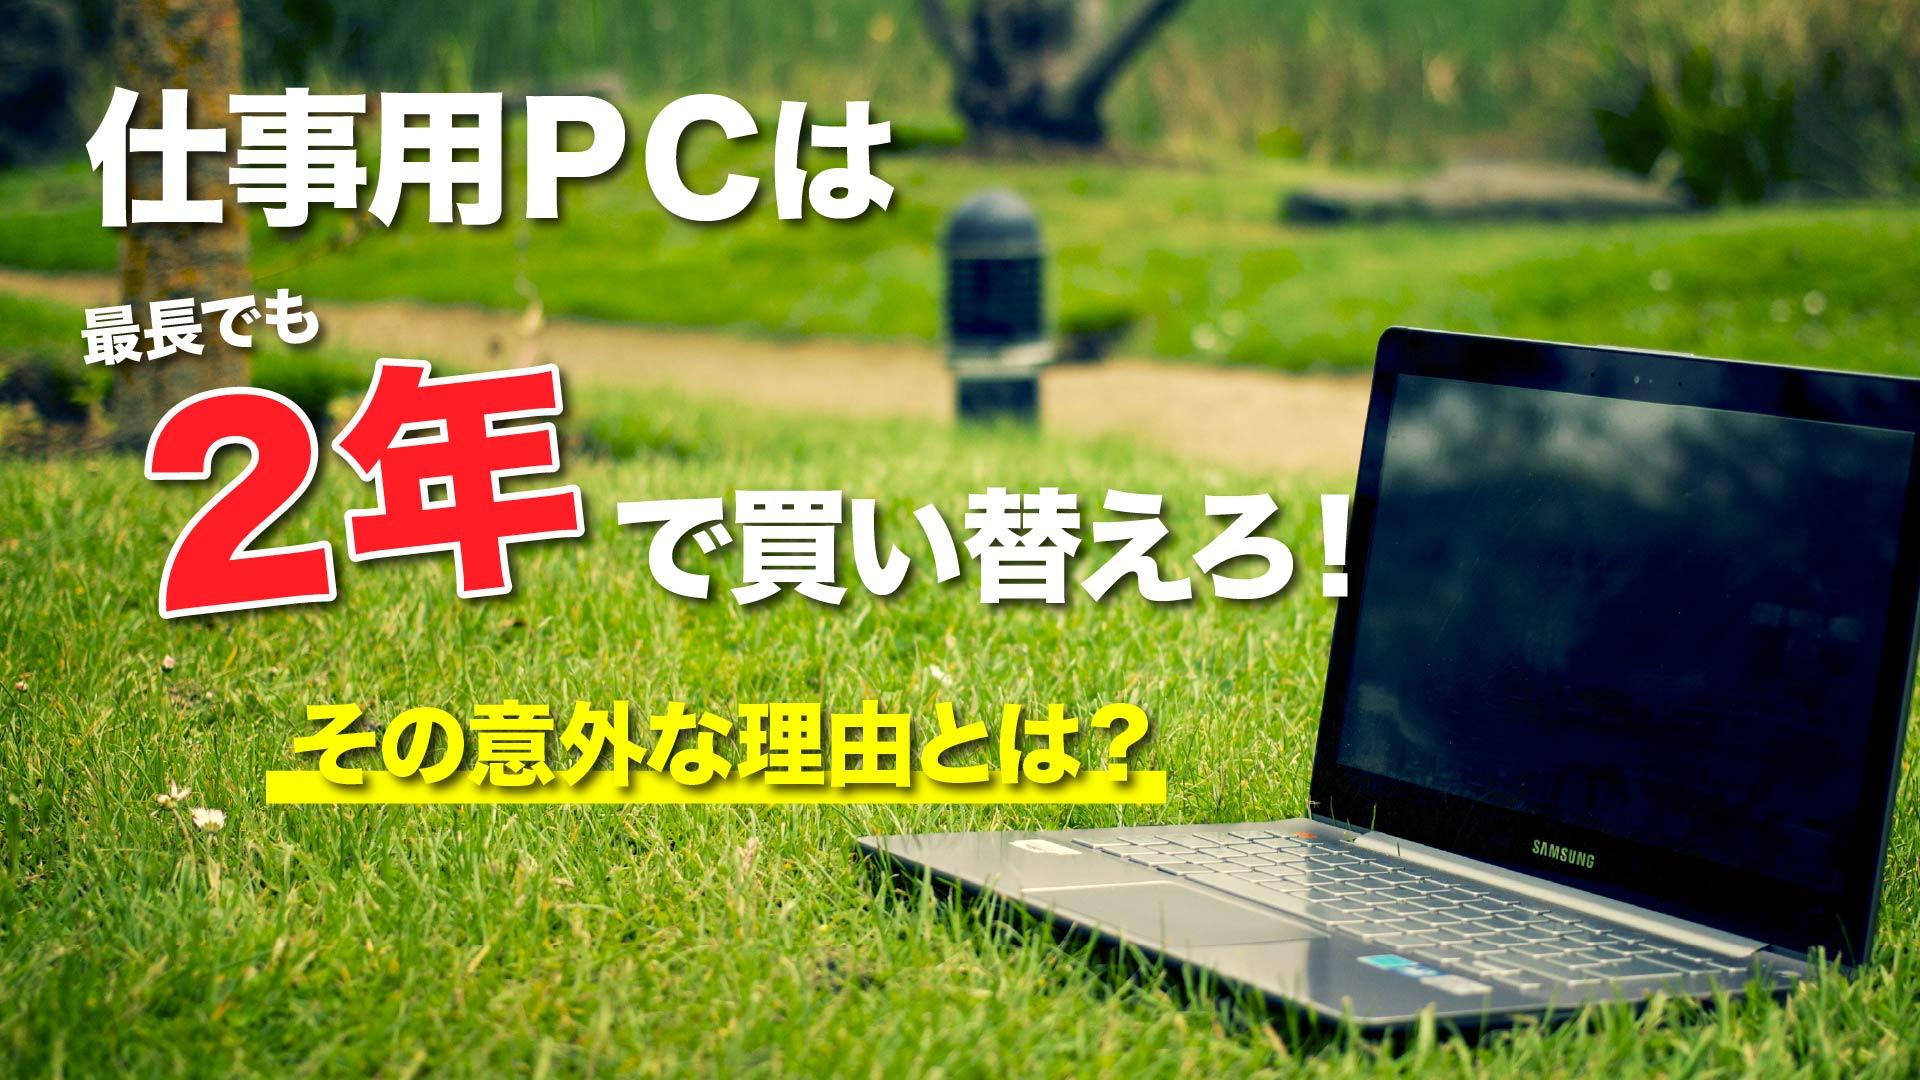 仕事用PCは2年で買い替えろ!その理由とは?